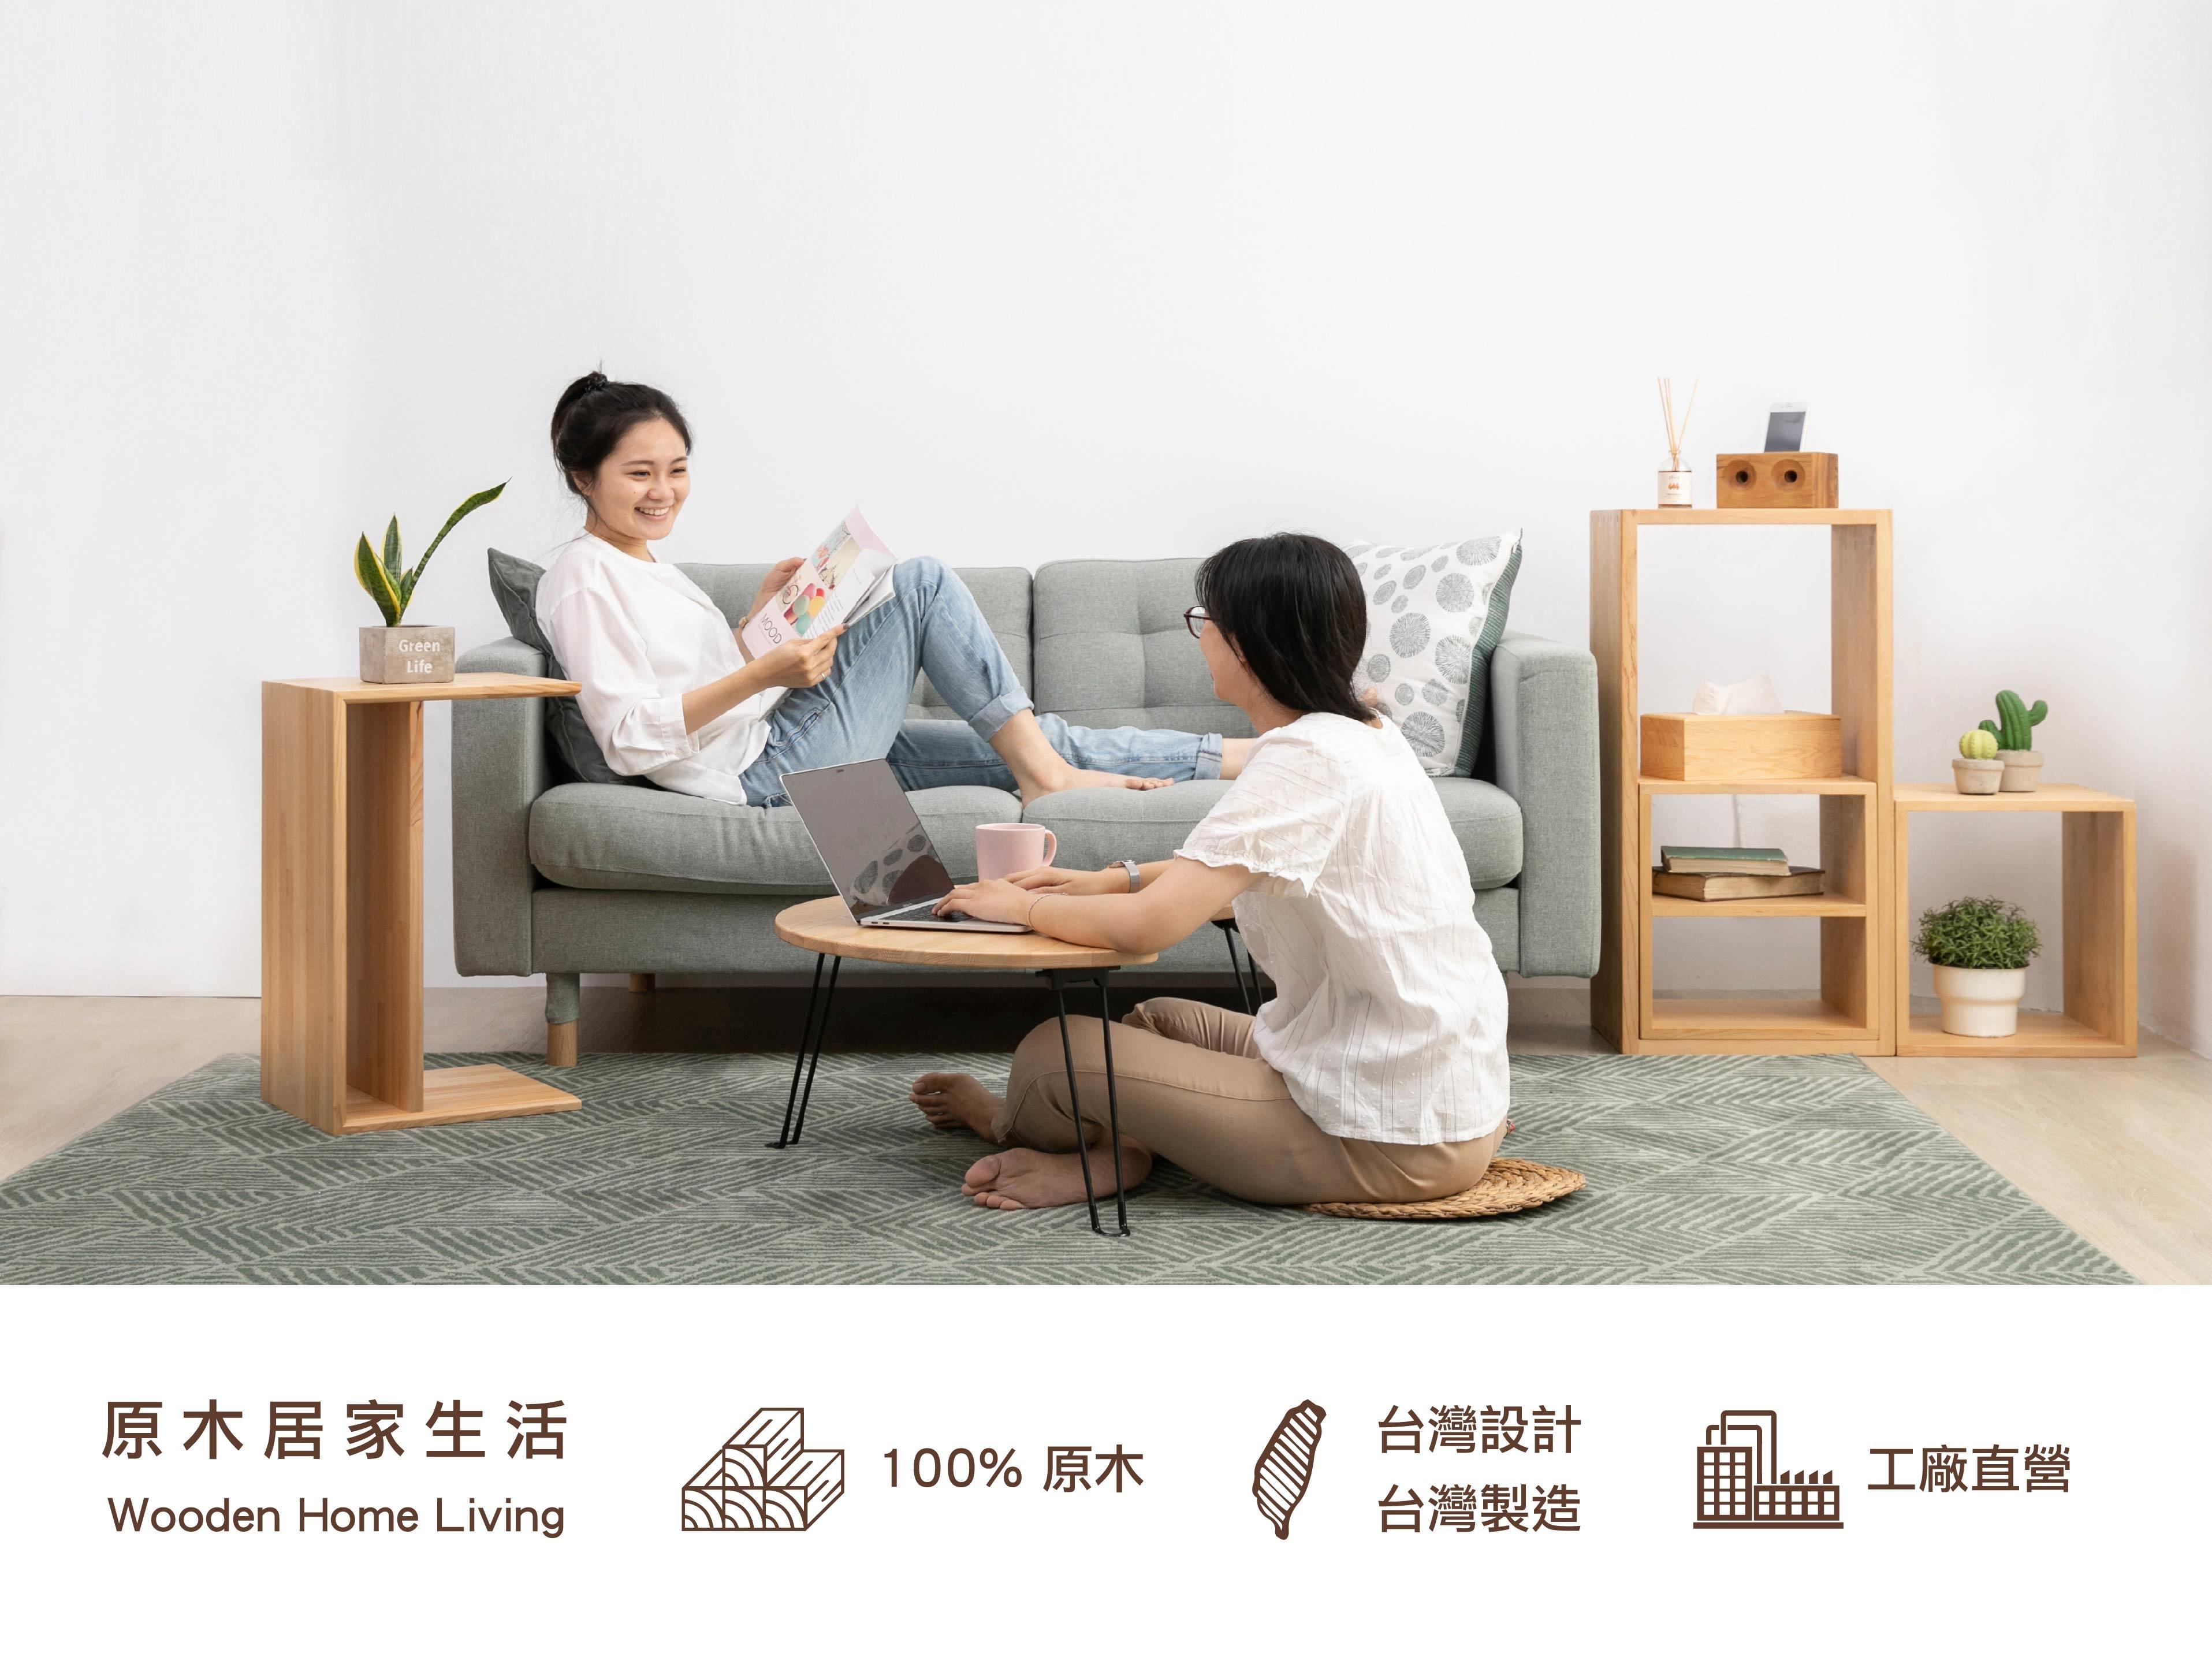 原木,家具,安全,無毒,健康,台灣設計,台灣製造,木頭香,檜木,家庭